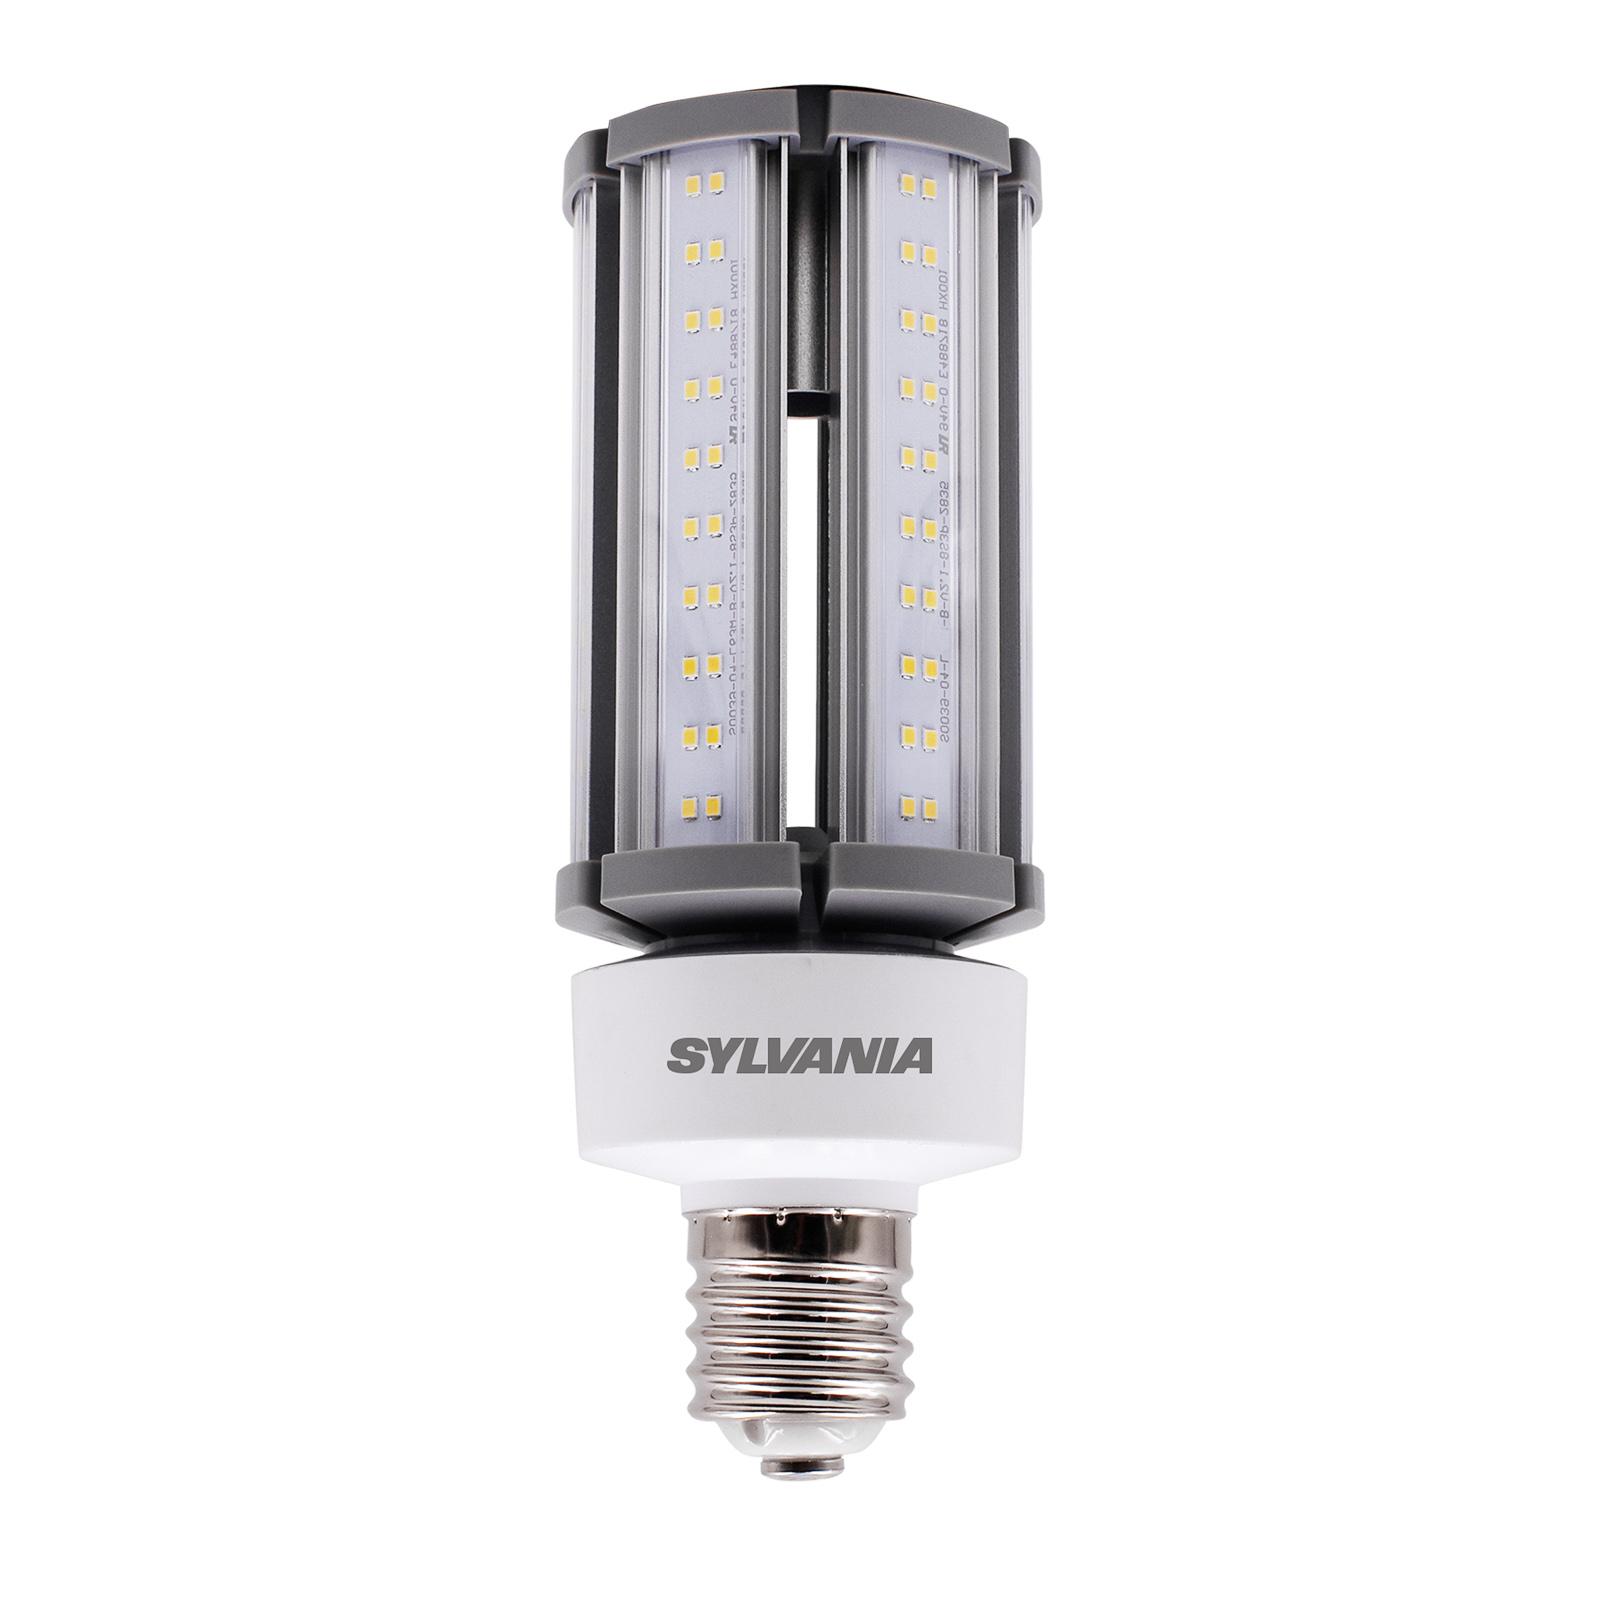 Sylvania LED-pære E40, 54W, 4000K, 6800 lm